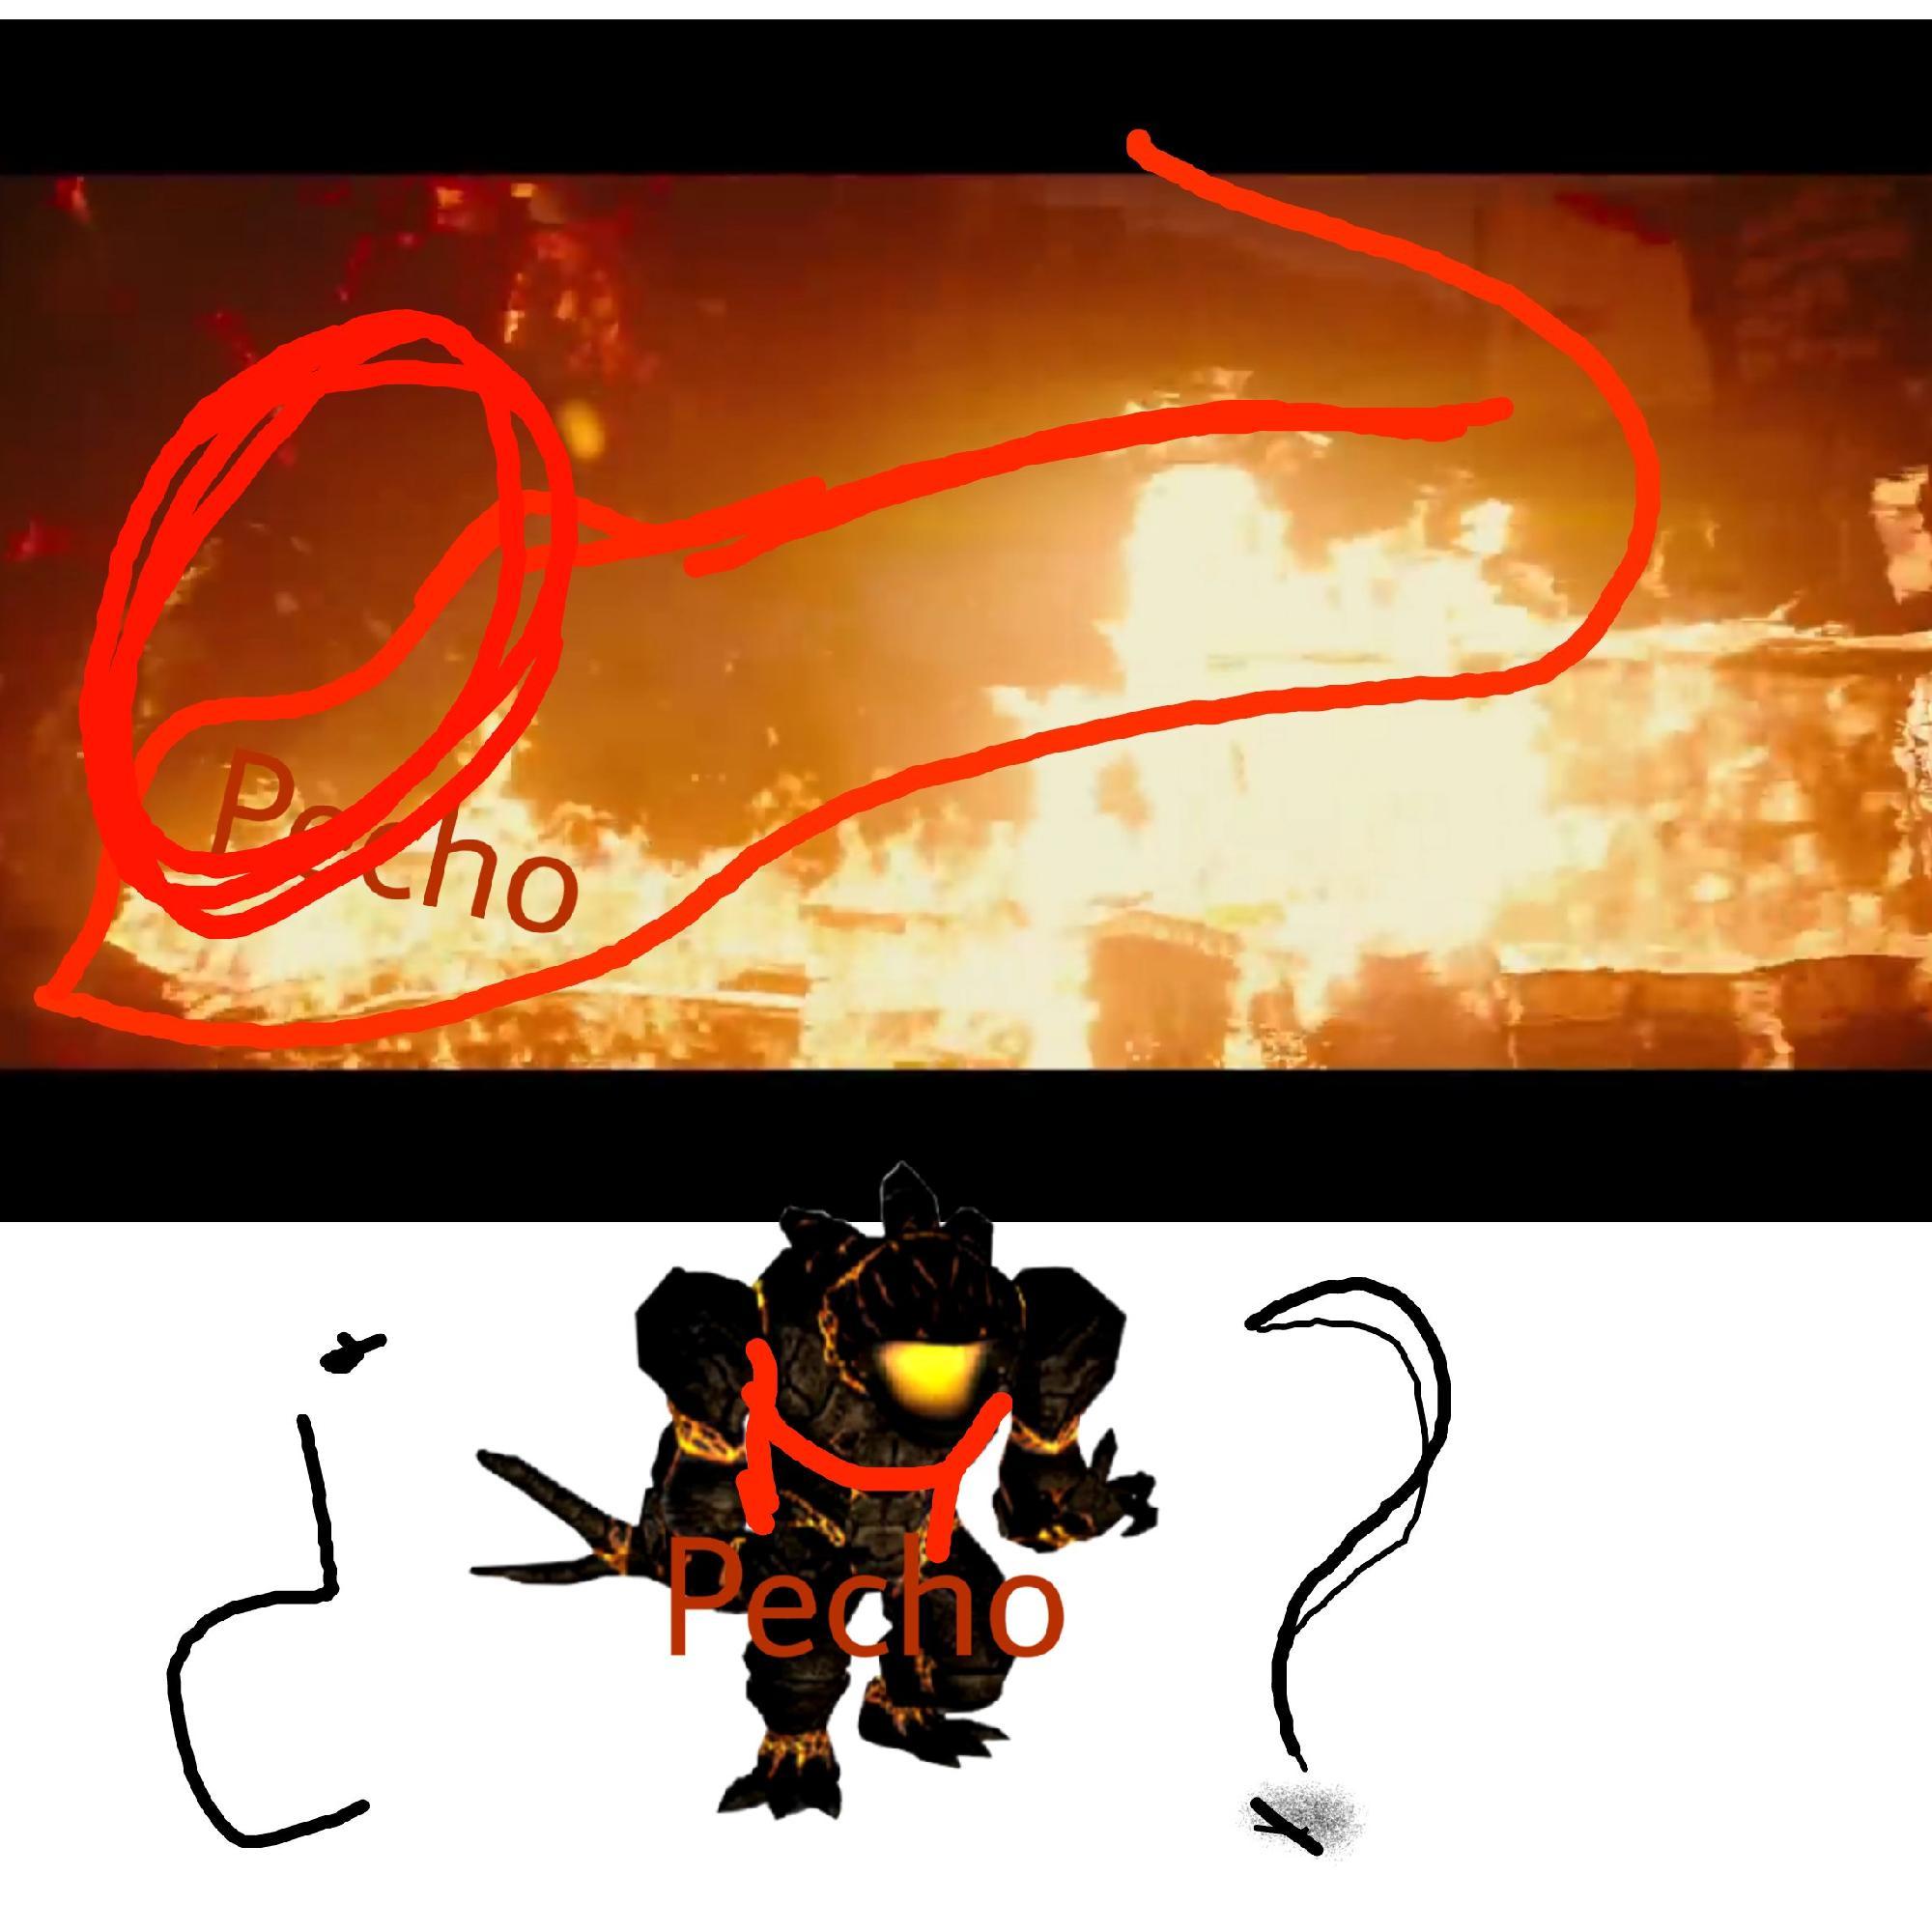 Coincidencia?  NO LO CREO!  xd